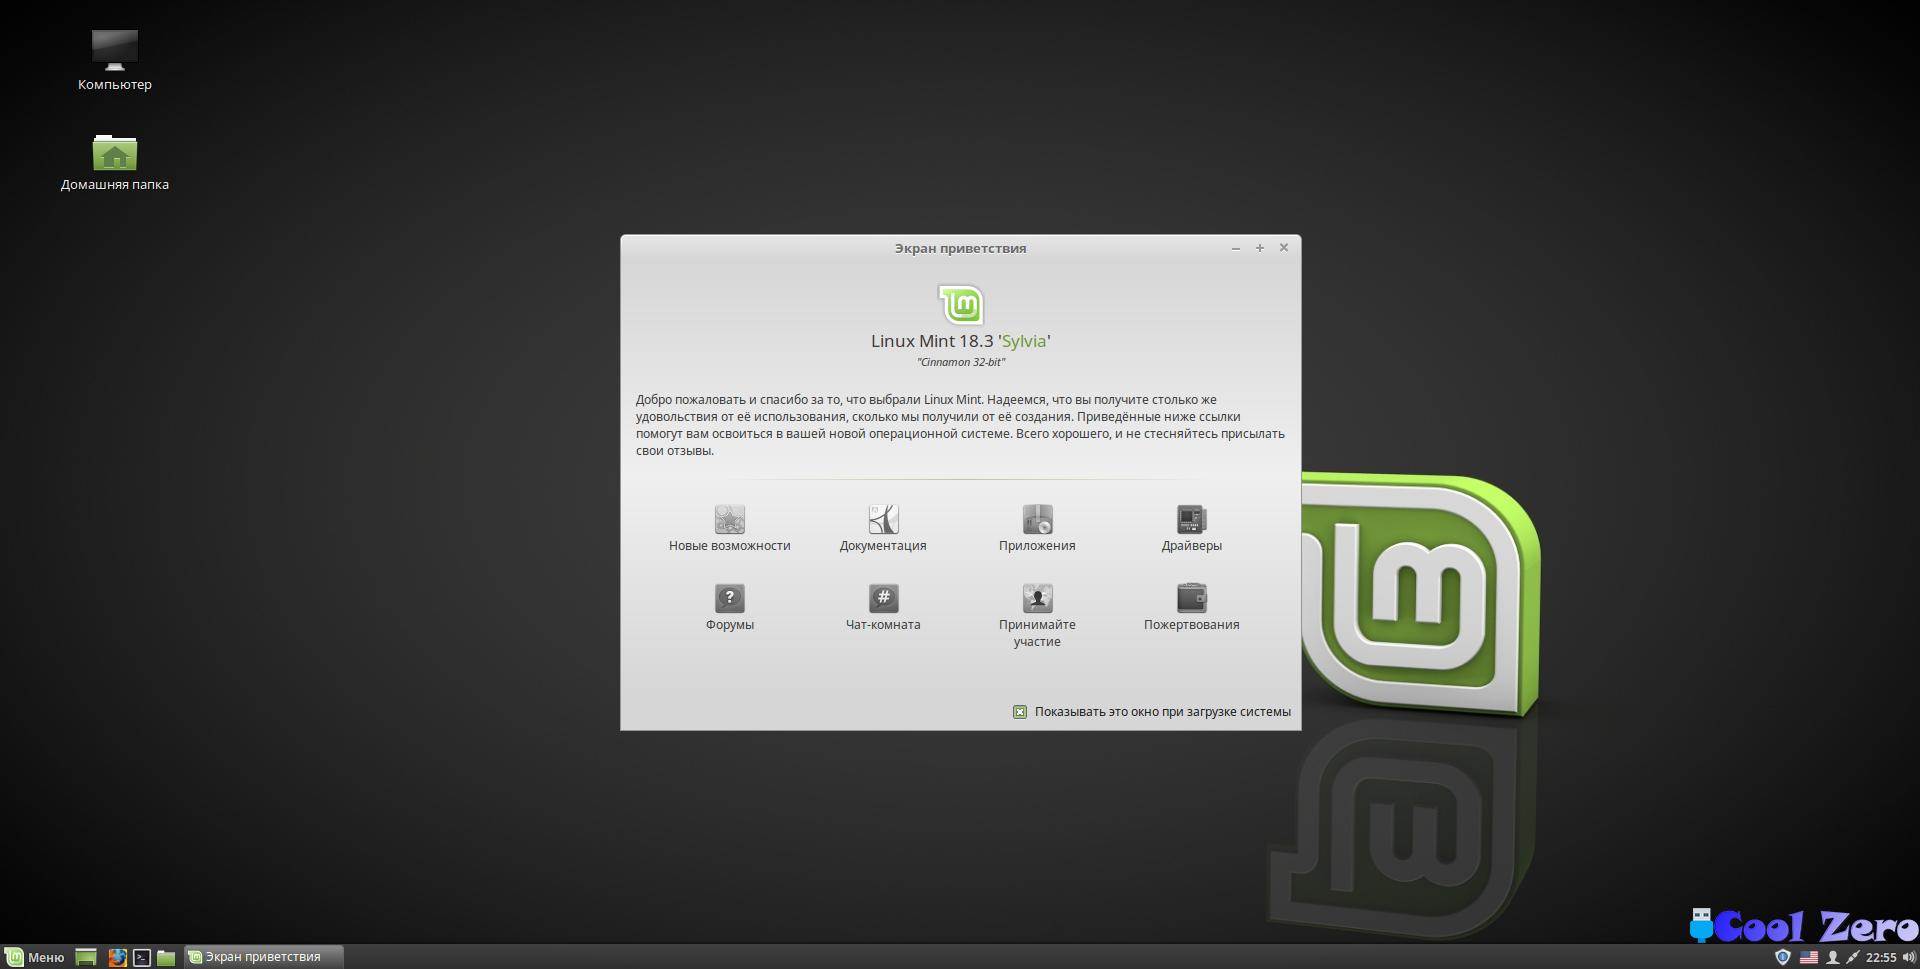 Рабочий стол Linux Mint с экраном приветствия